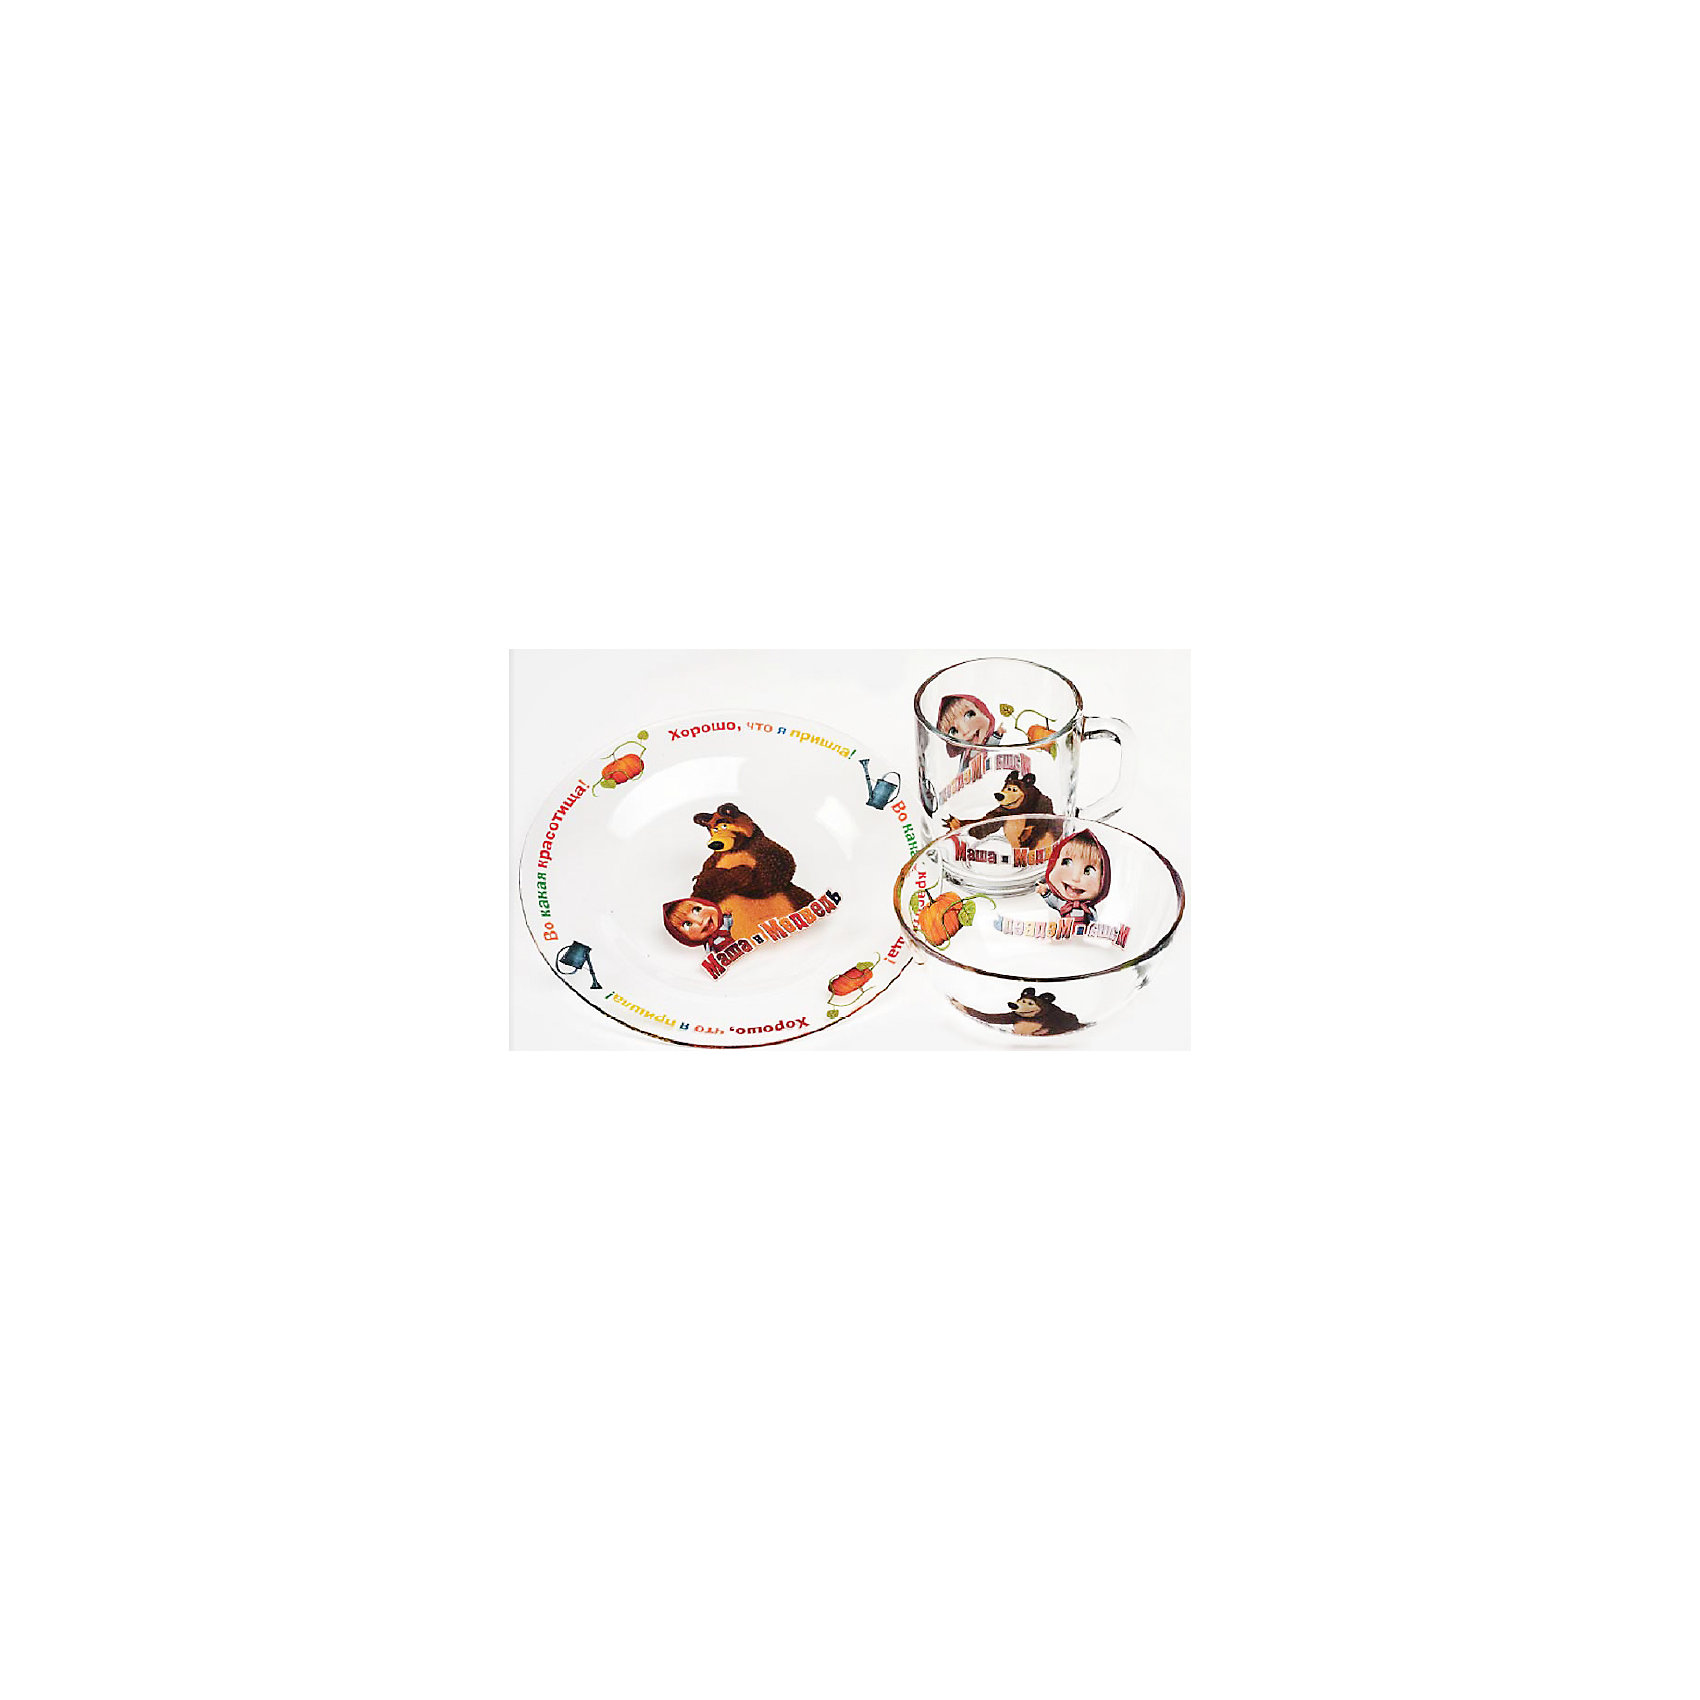 Набор посуды Огород (3 предмета, стекло), Маша и МедведьМаша и Медведь<br>Набор посуды Огород (3 предмета, стекло), Маша и Медведь – посуда с героями мультсериала «Маша и Медведь» порадует ребенка.<br>Набор красочной детской посуды Маша и Медведь Огород выполненный из качественного стекла, идеально подойдет для повседневного использования. В комплект входят: кружка с удобной ручкой, салатник-супница, тарелка. Все предметы украшены яркими изображениями проказницы Маши и добродушного Медведя. С такой посудой привычная еда станет более вкусной и приятной, а кормление малыша превратится в веселую и интересную игру.<br><br>Дополнительная информация:<br><br>- В наборе: кружка, салатник-супница, тарелка<br>- Материал: стекло<br>- Диаметр тарелки: 19,5 см.<br>- Диаметр салатника-супницы: 12,5 см.<br>- Высота салатника-супницы: 5 см.<br>- Объем кружки: 250 мл.<br>- Диаметр кружки: 7 см.<br>- Высота кружки: 9 см.<br>- Упаковка: удобная, красочная картонная коробка<br>- Размер упаковки: 20,5 x 11 x 20,5 см.<br>- Вес: 860 гр.<br>- Пригодна для мытья в посудомоечной машине<br><br>Набор посуды Огород (3 предмета, стекло), Маша и Медведь можно купить в нашем интернет-магазине.<br><br>Ширина мм: 205<br>Глубина мм: 110<br>Высота мм: 205<br>Вес г: 860<br>Возраст от месяцев: 36<br>Возраст до месяцев: 144<br>Пол: Унисекс<br>Возраст: Детский<br>SKU: 4603867